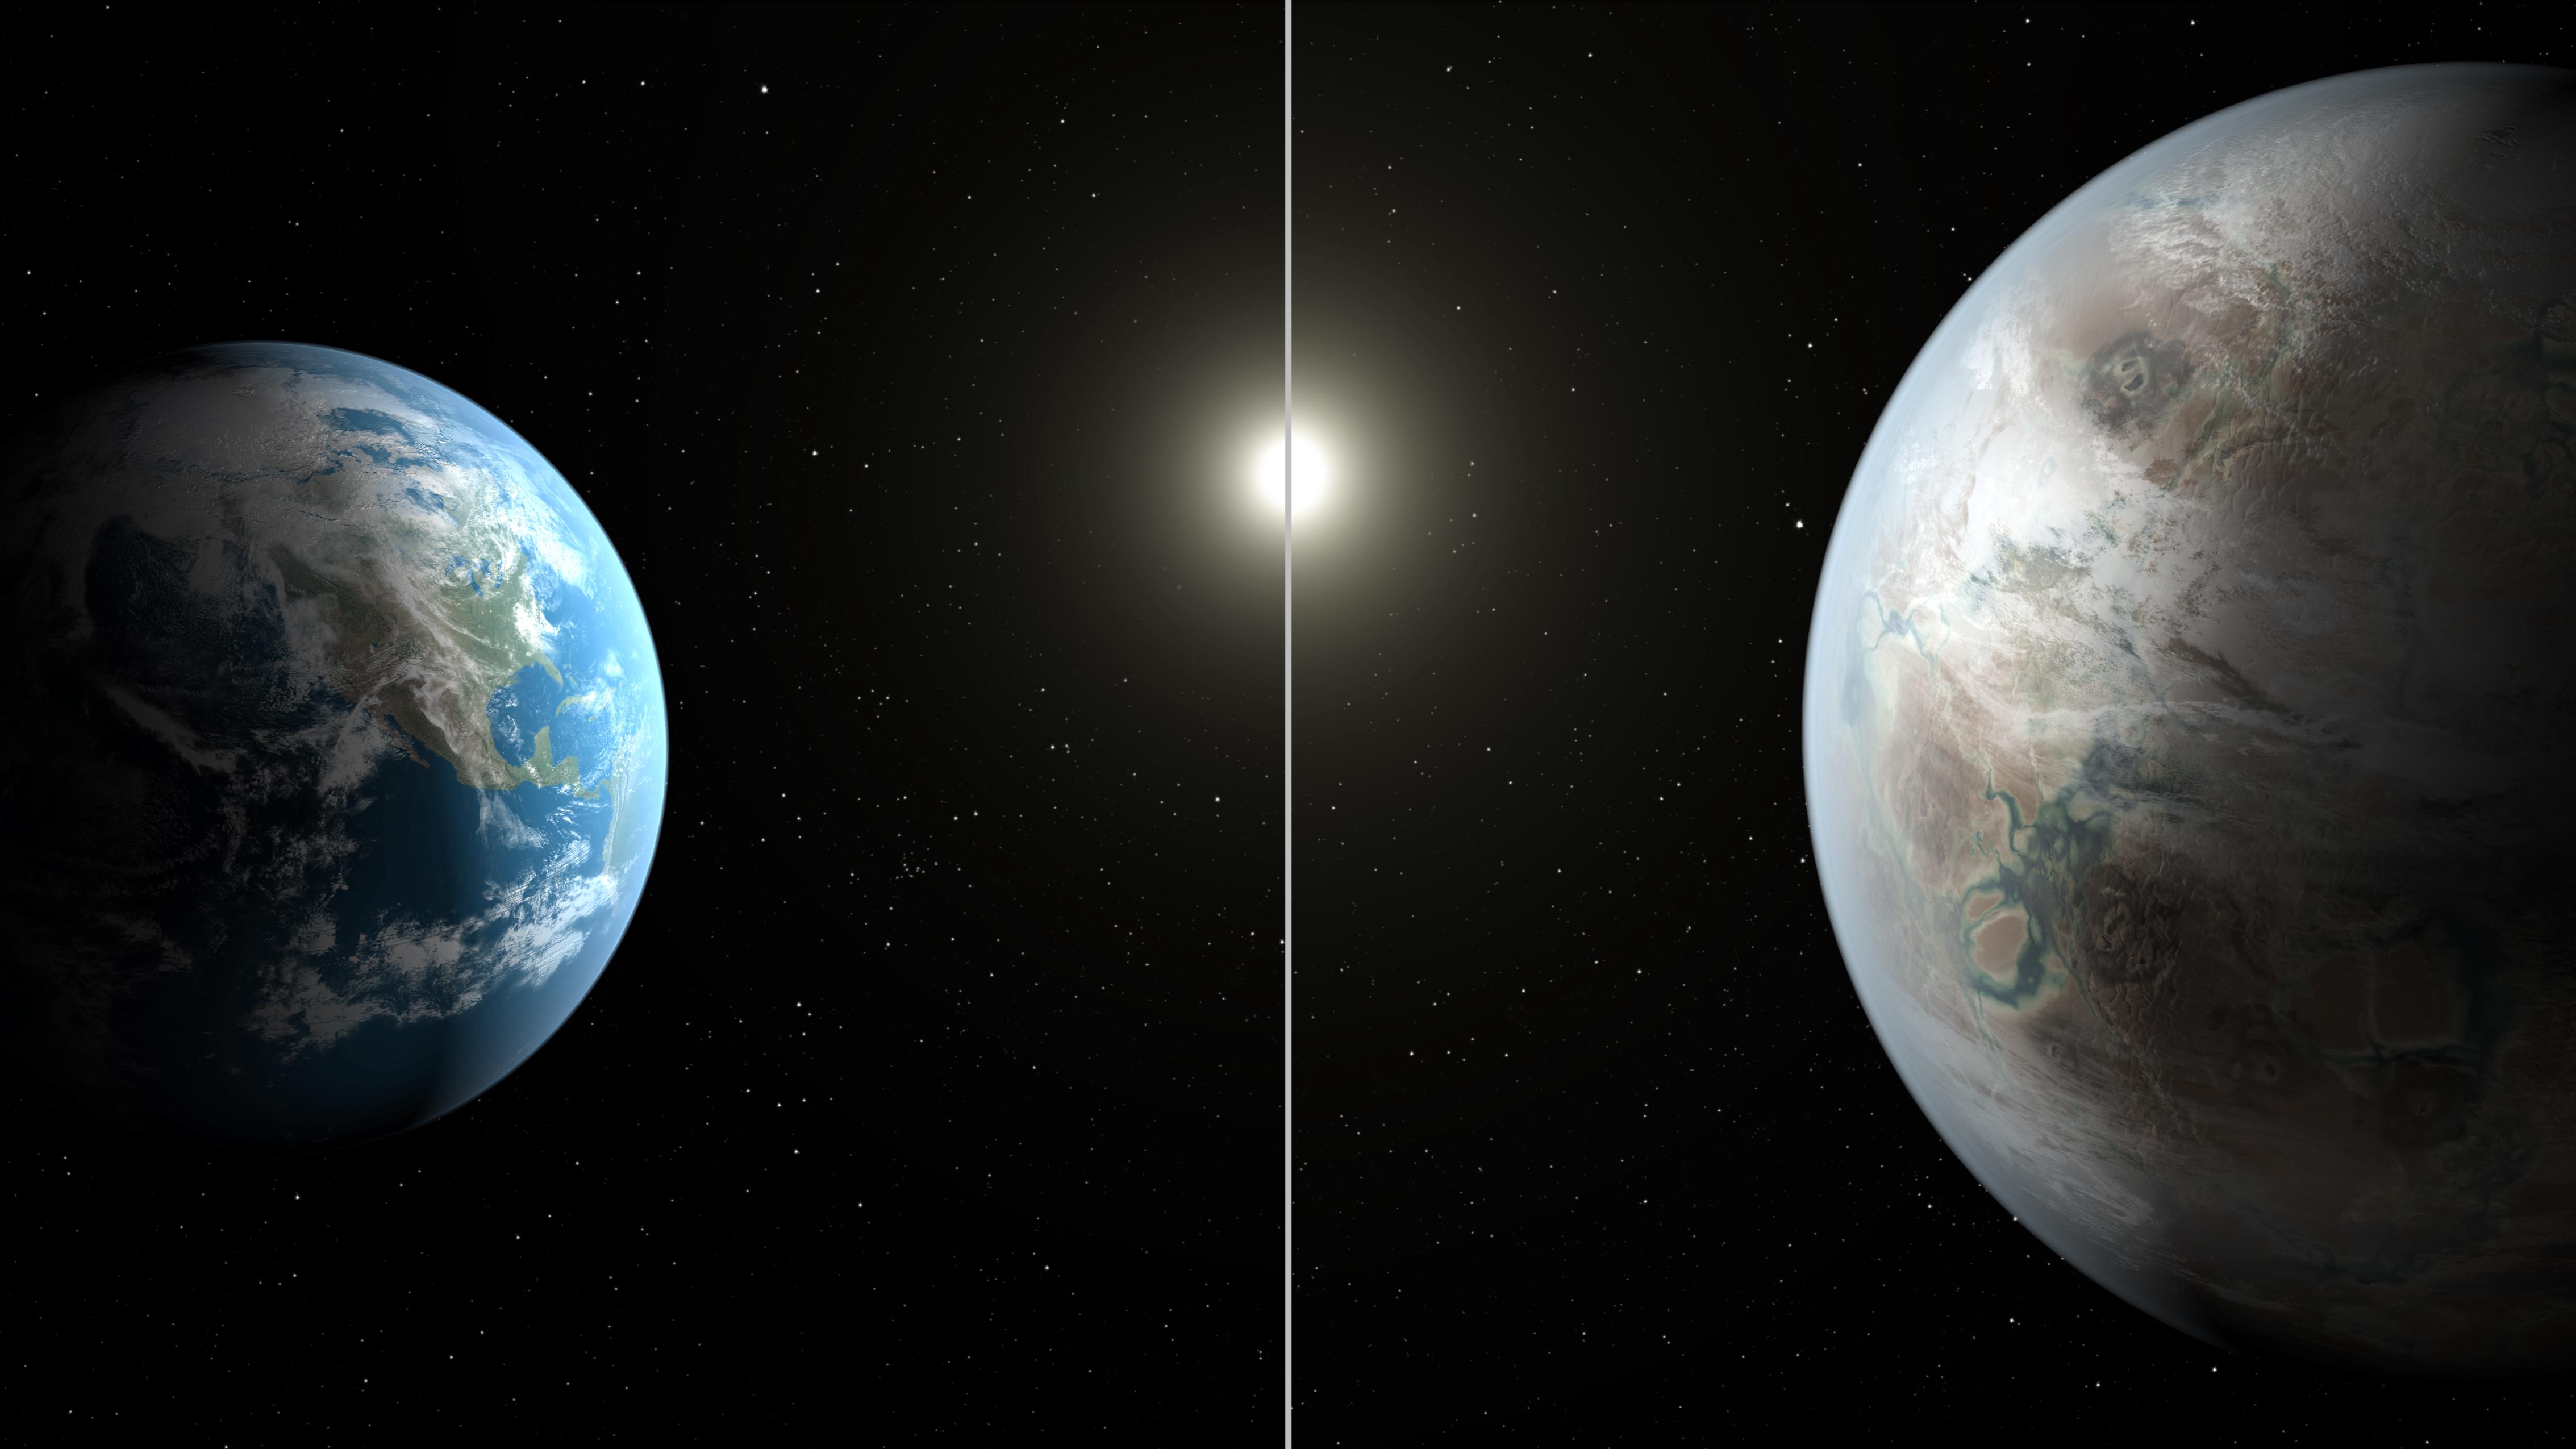 Wissenschaftler der NASA entdecken Planeten, der Erde ähnlich ist